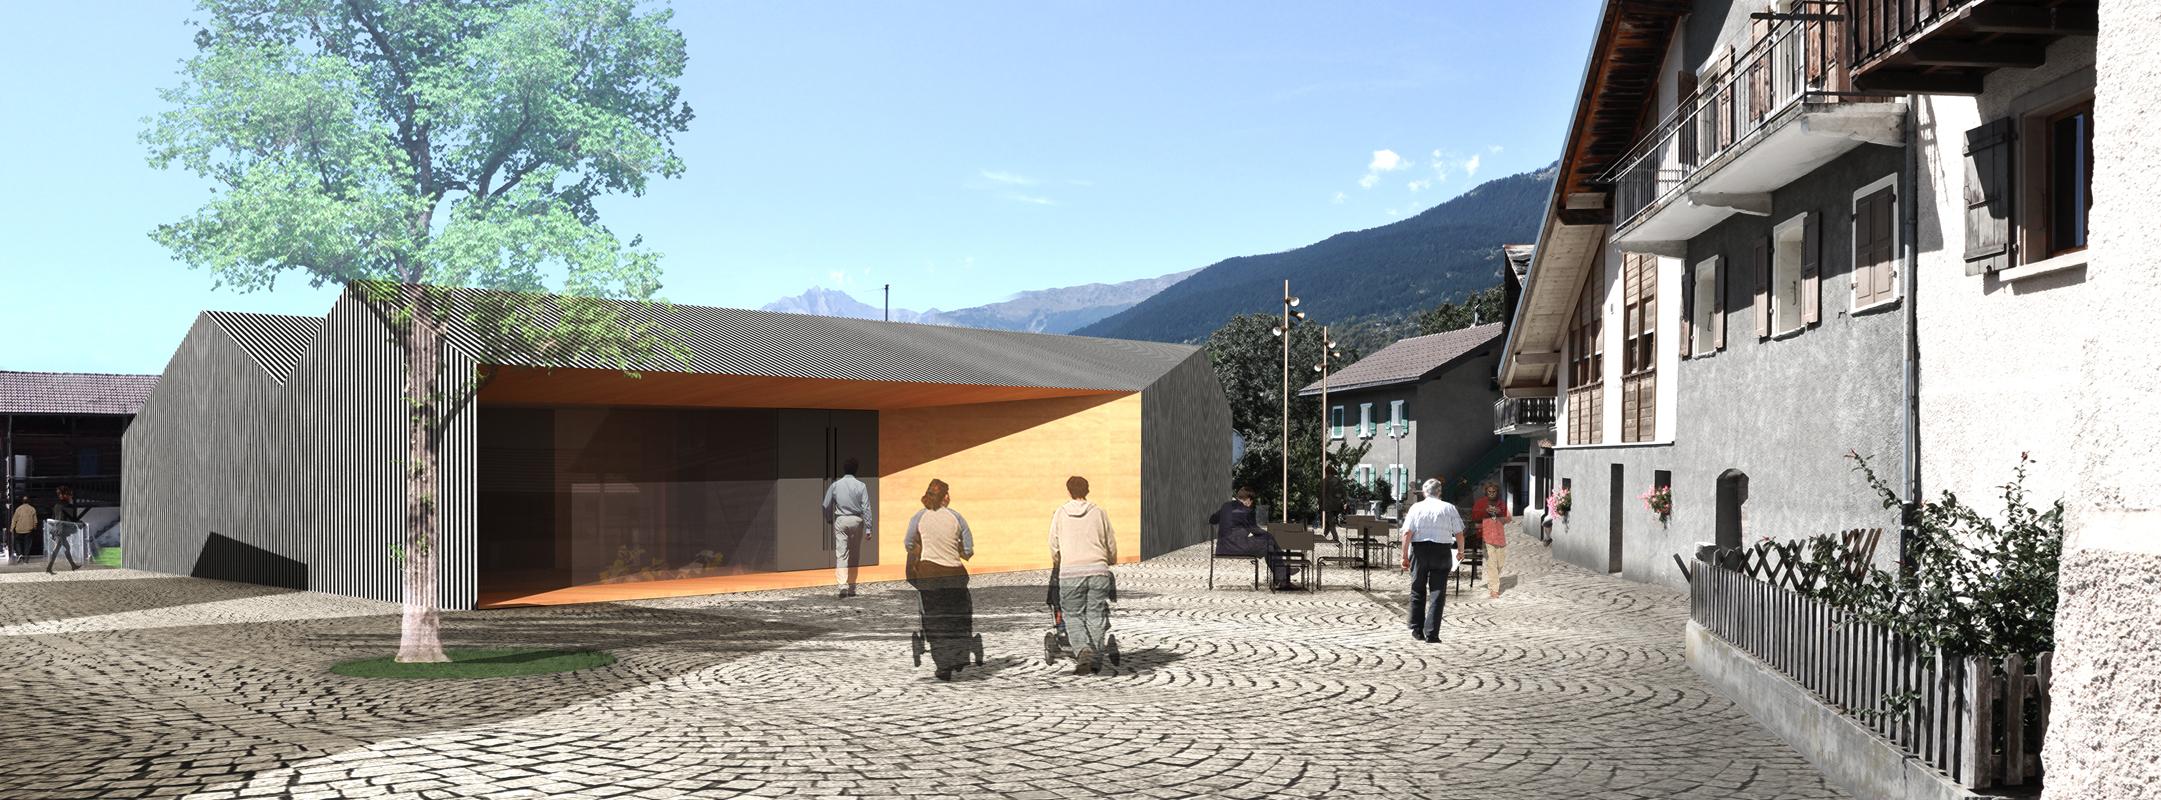 aménagement du centre du village de grimisuat - 2011 - cheseauxrey sàrl